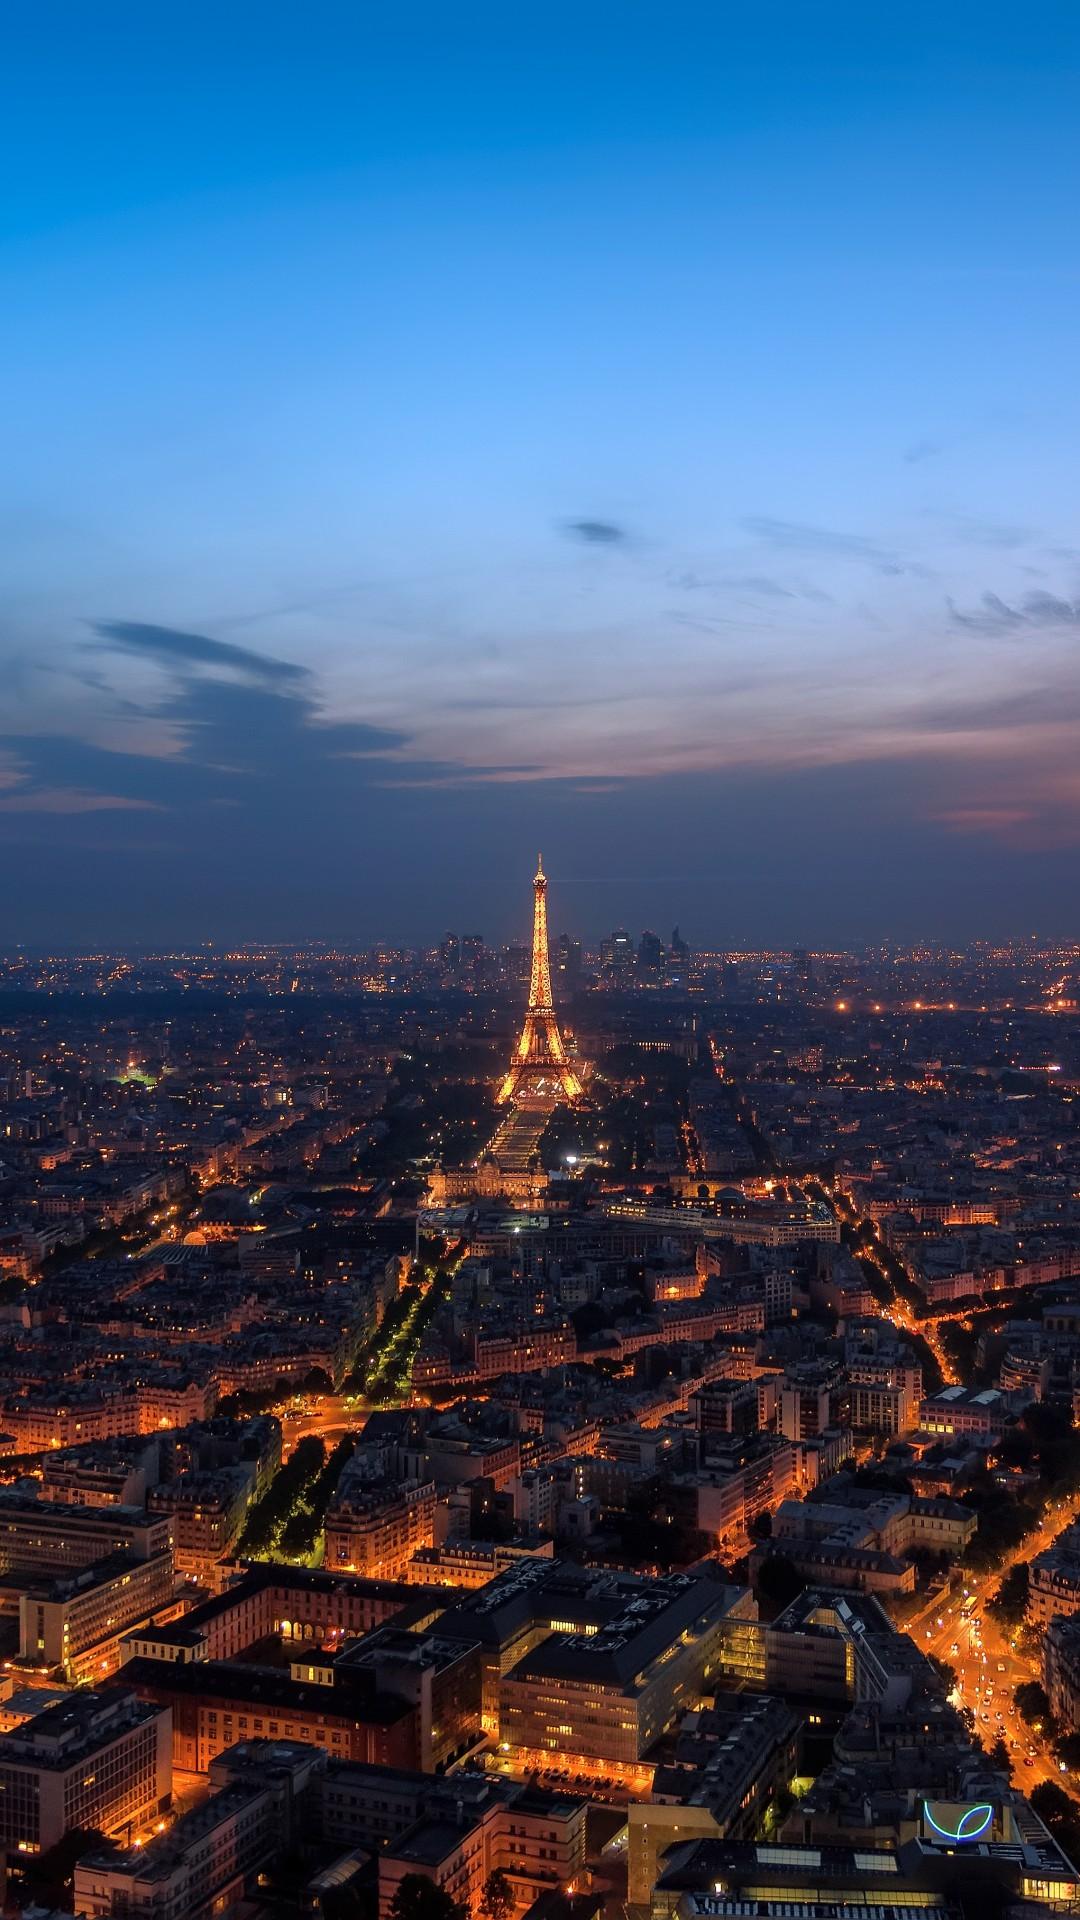 Wallpaper Paris  France  Europe  5k  Architecture  19437